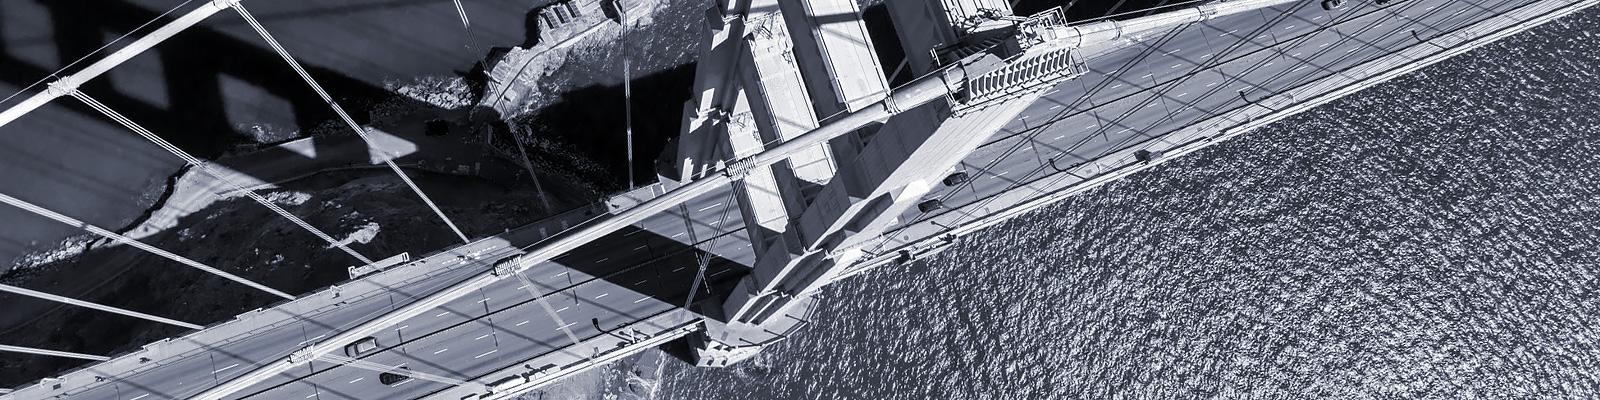 交通 自動車 橋 イメージ